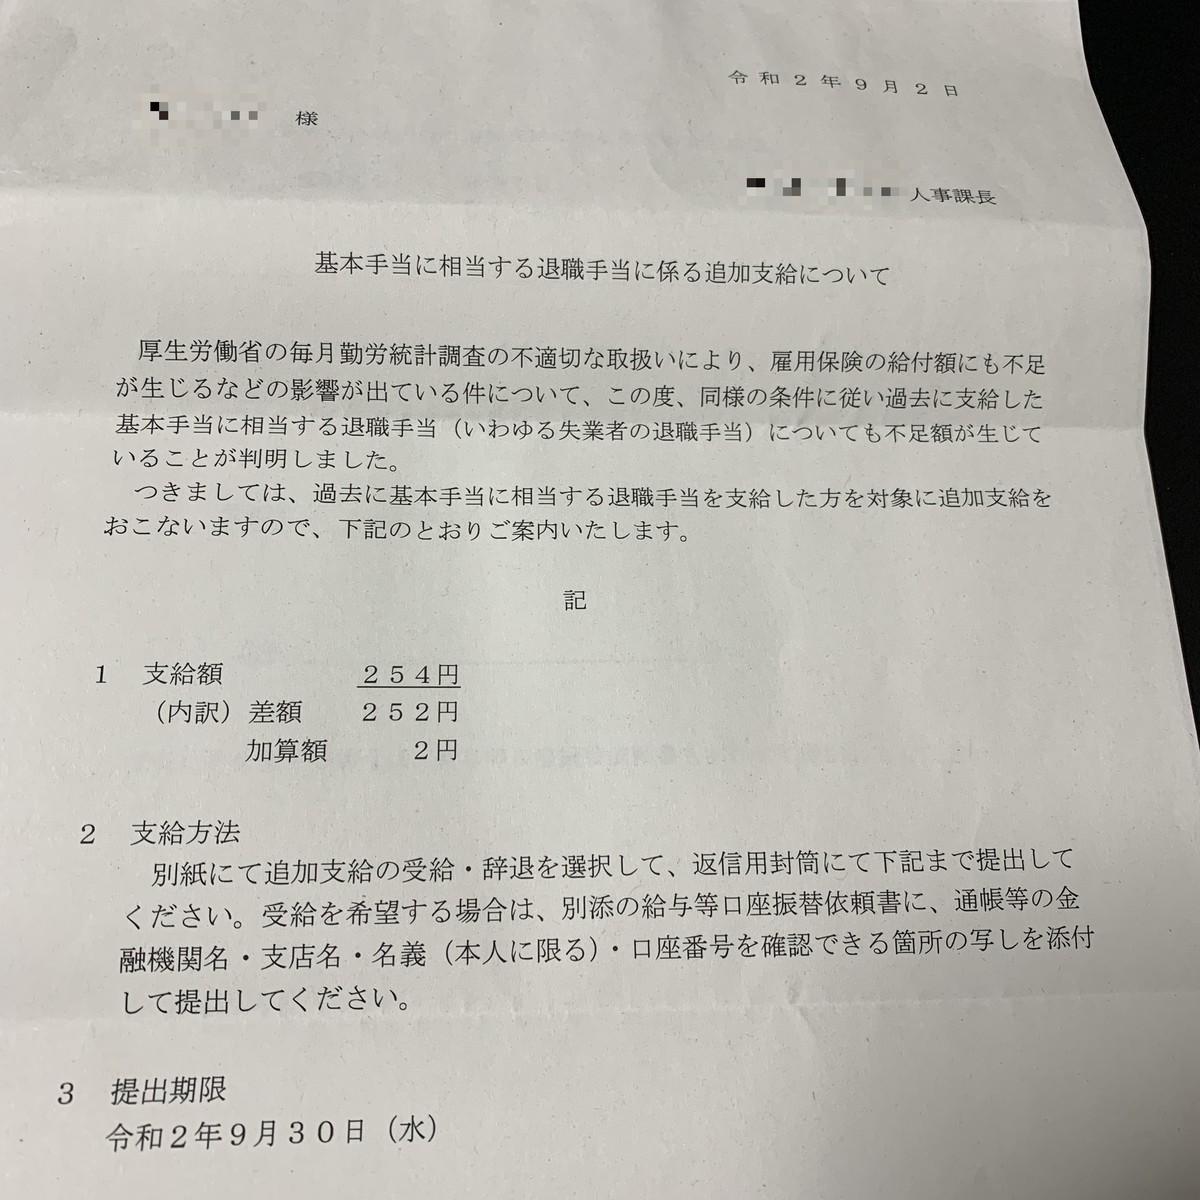 f:id:shifumin:20200911000159j:plain